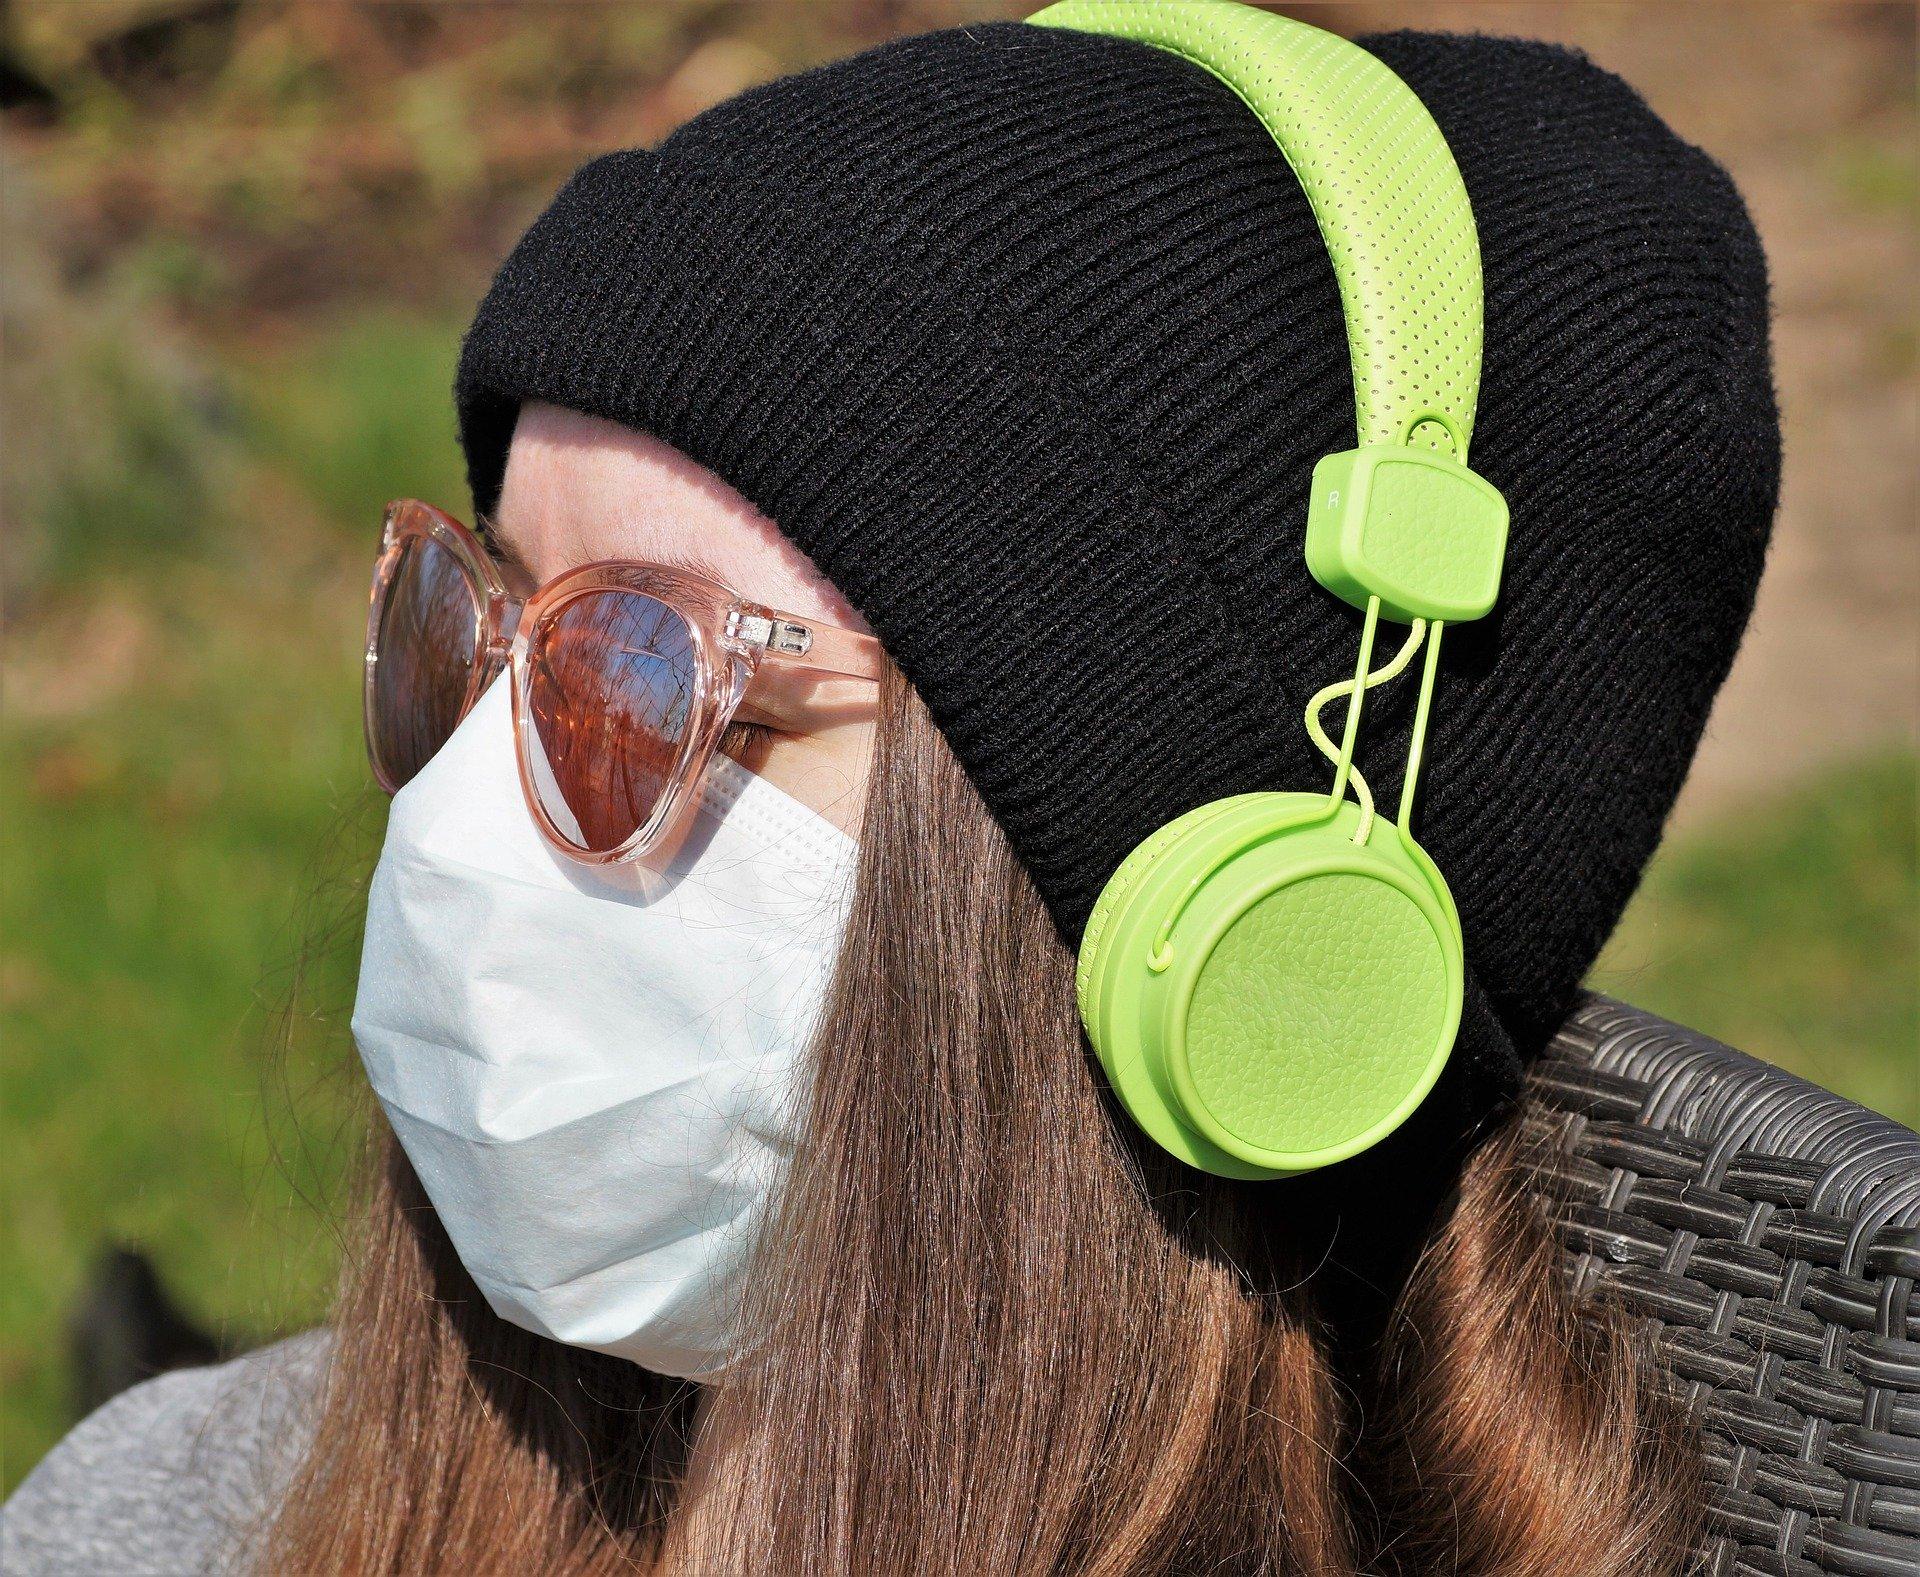 La música disminuye la ansiedad y los síntomas depresivos que puede generar todlo lo que rodea al COVID-19.